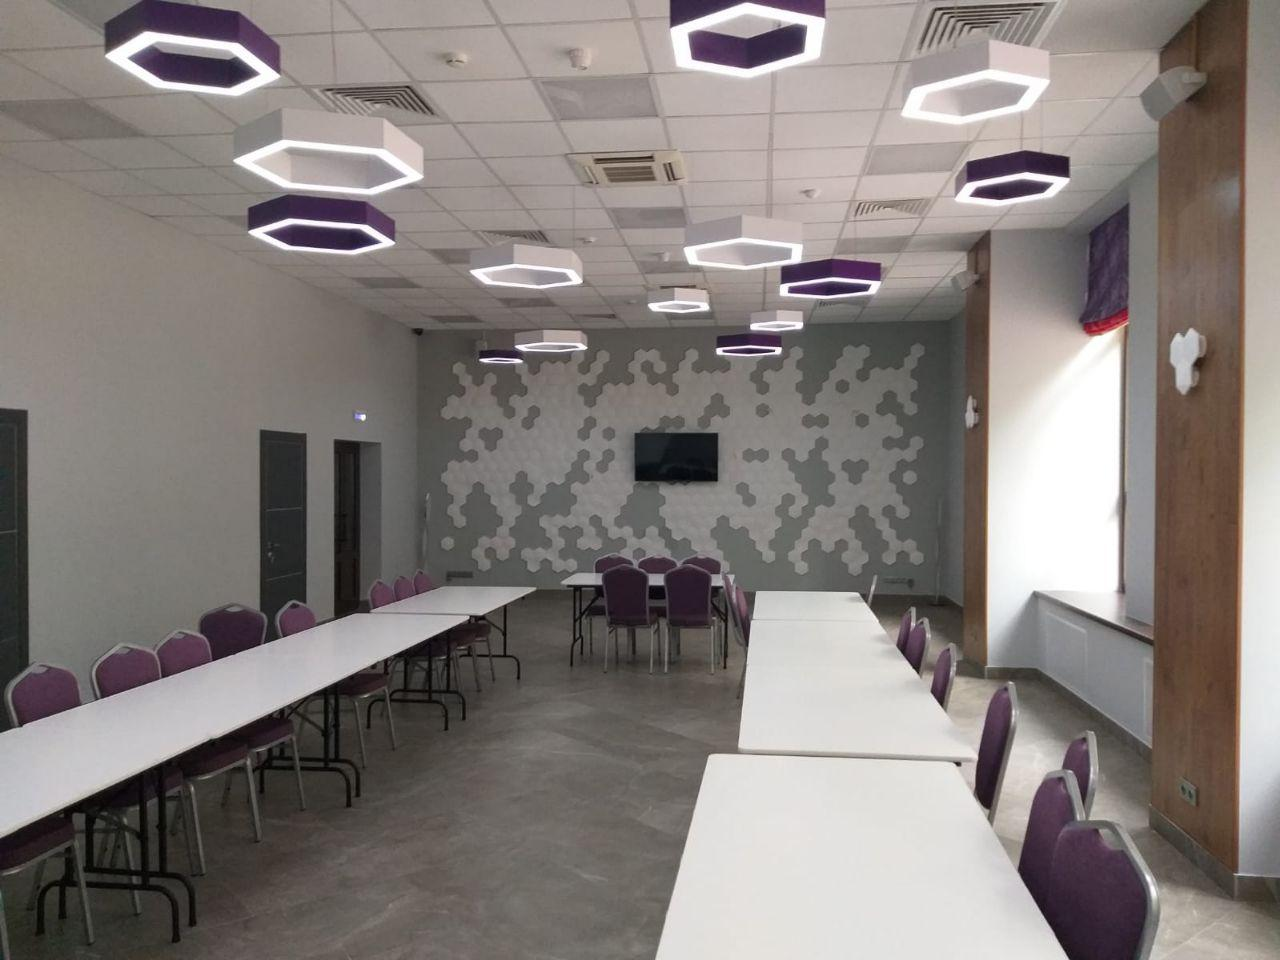 Г.Домодедово , Каширское шоссе дом 112 Санаторий ФГБУ МФК МИНФИНа «Елочки»